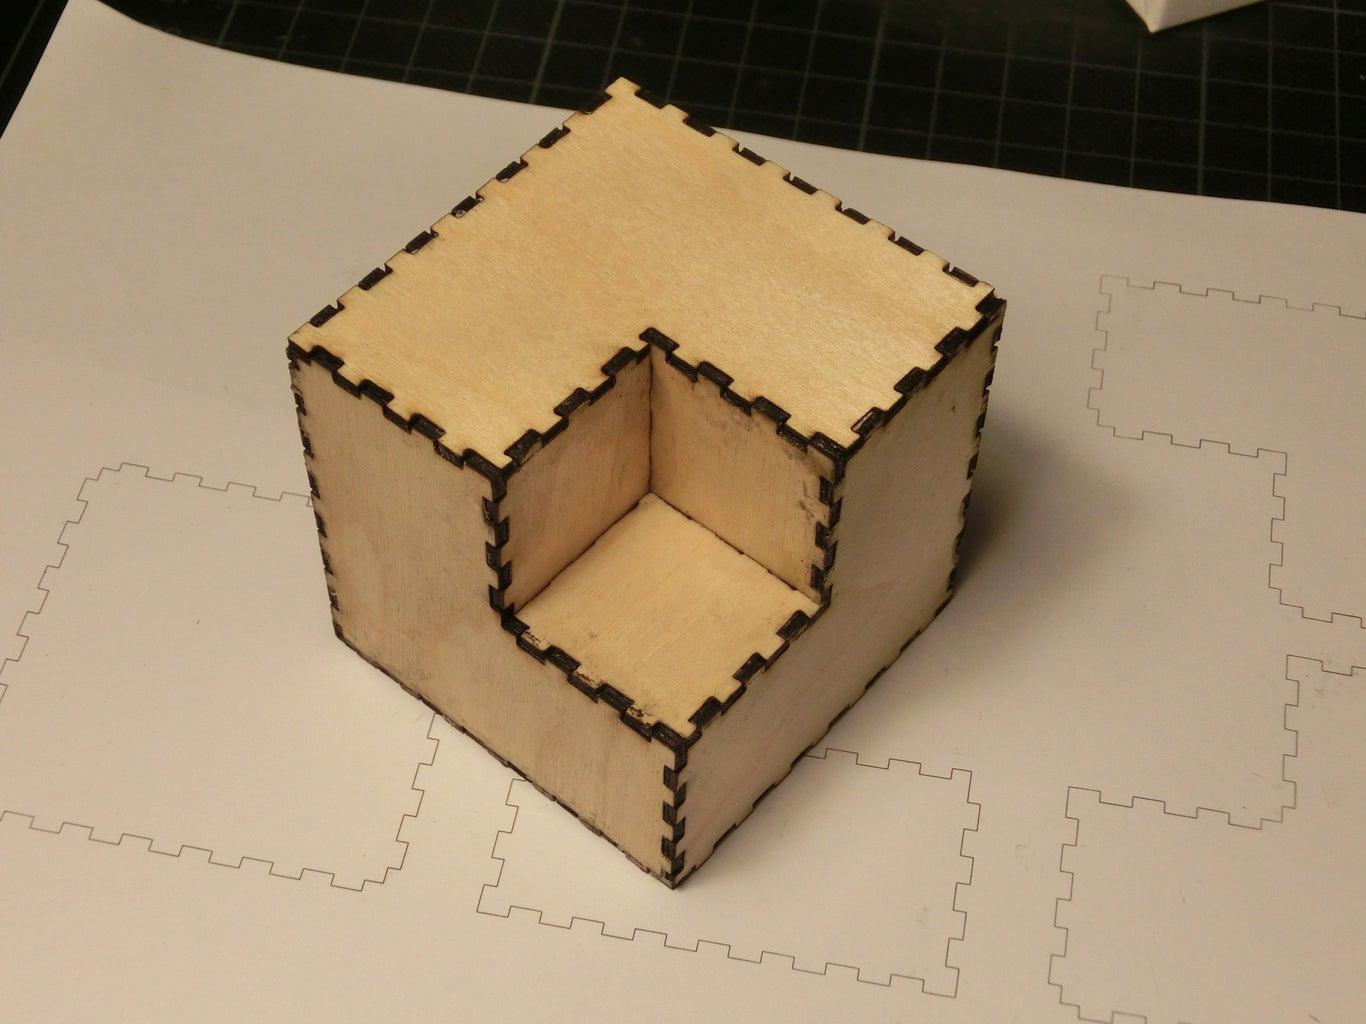 Assemble the Cubes